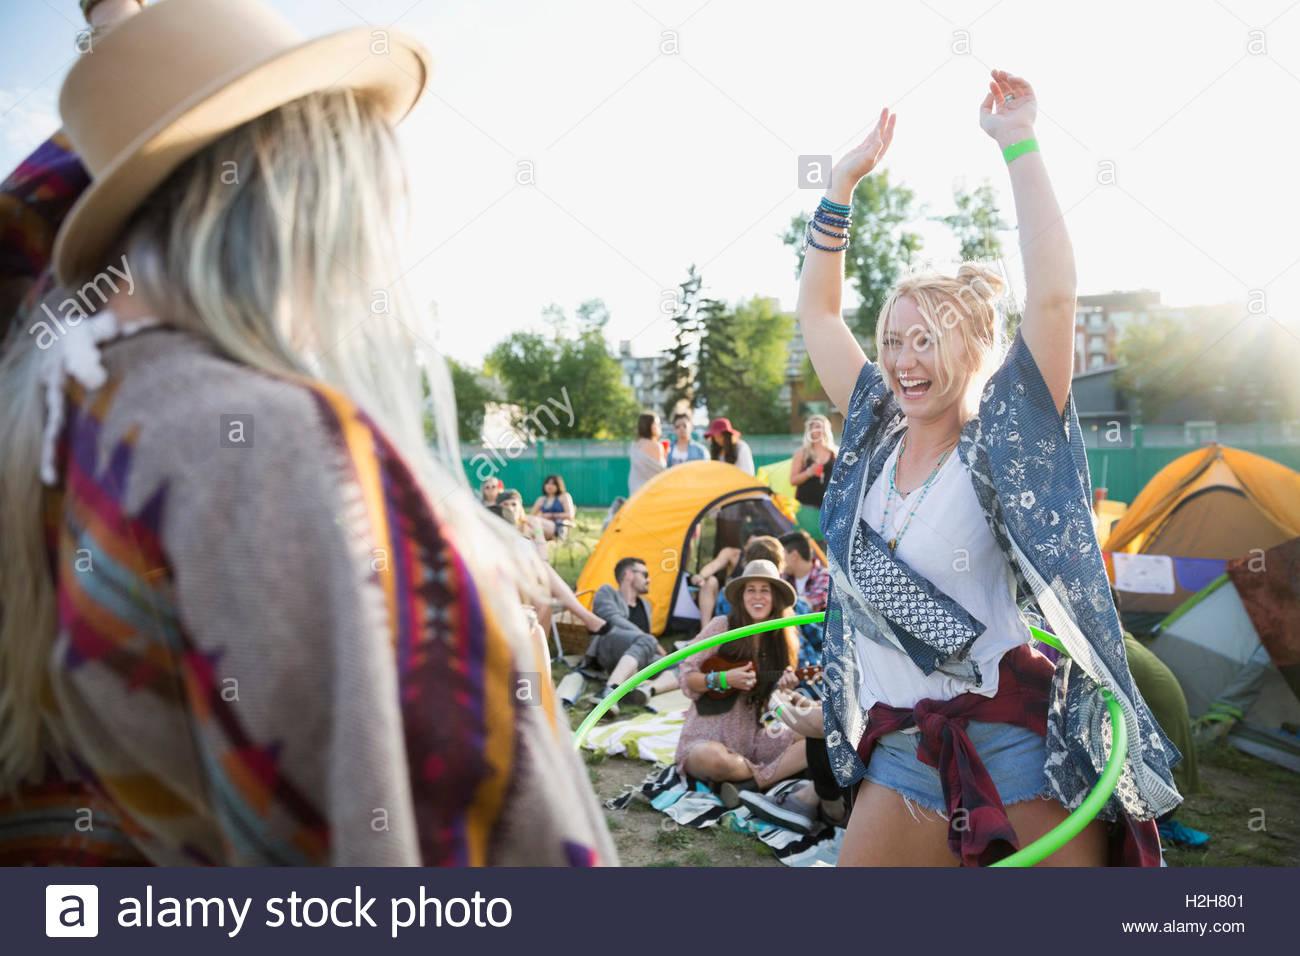 Giocoso giovane donna spinning con cerchio di plastica al festival musicale estivo Campeggio Immagini Stock